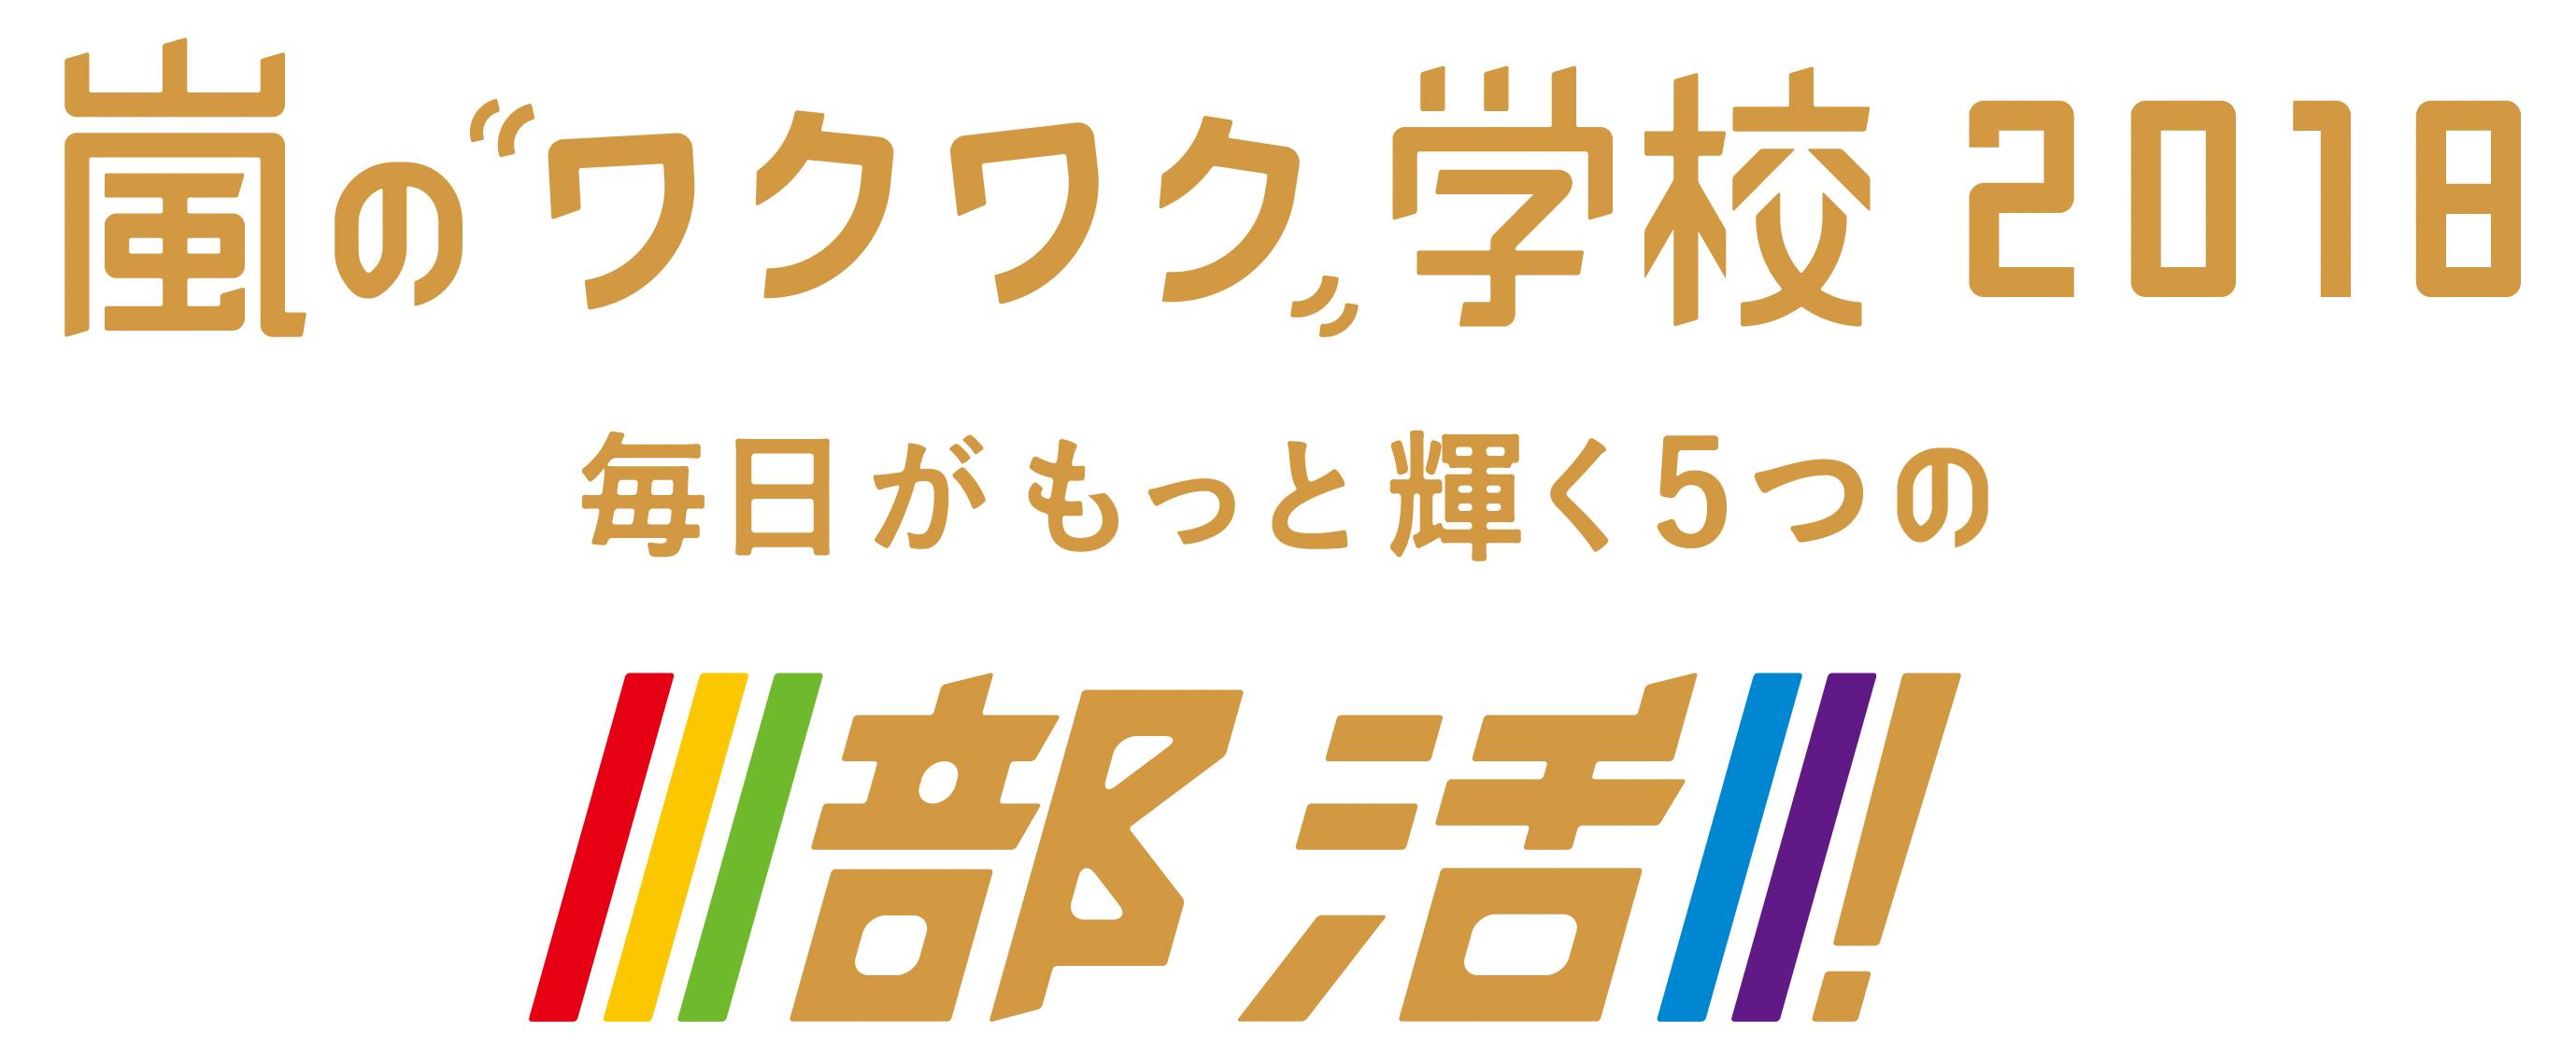 【ワクワク学校2018】嵐・櫻井翔と二宮和也がトラブルで見せた神対応にファン感動